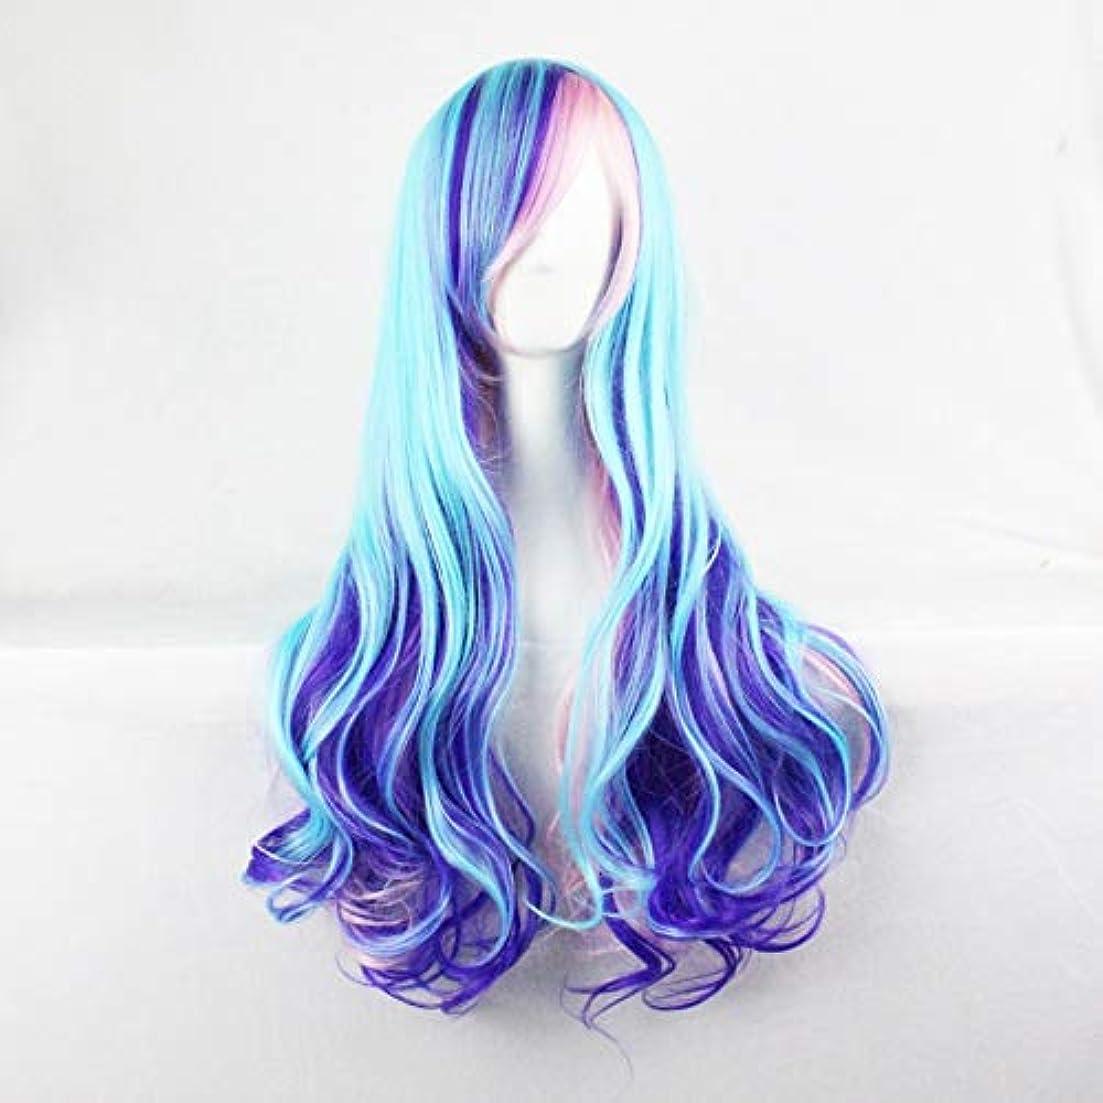 ニュース骨髄無限かつらキャップでかつらファンシードレスカールかつら女性用高品質合成毛髪コスプレ高密度かつら女性&女の子ブルー、ピンク、パープル (Color : 青)